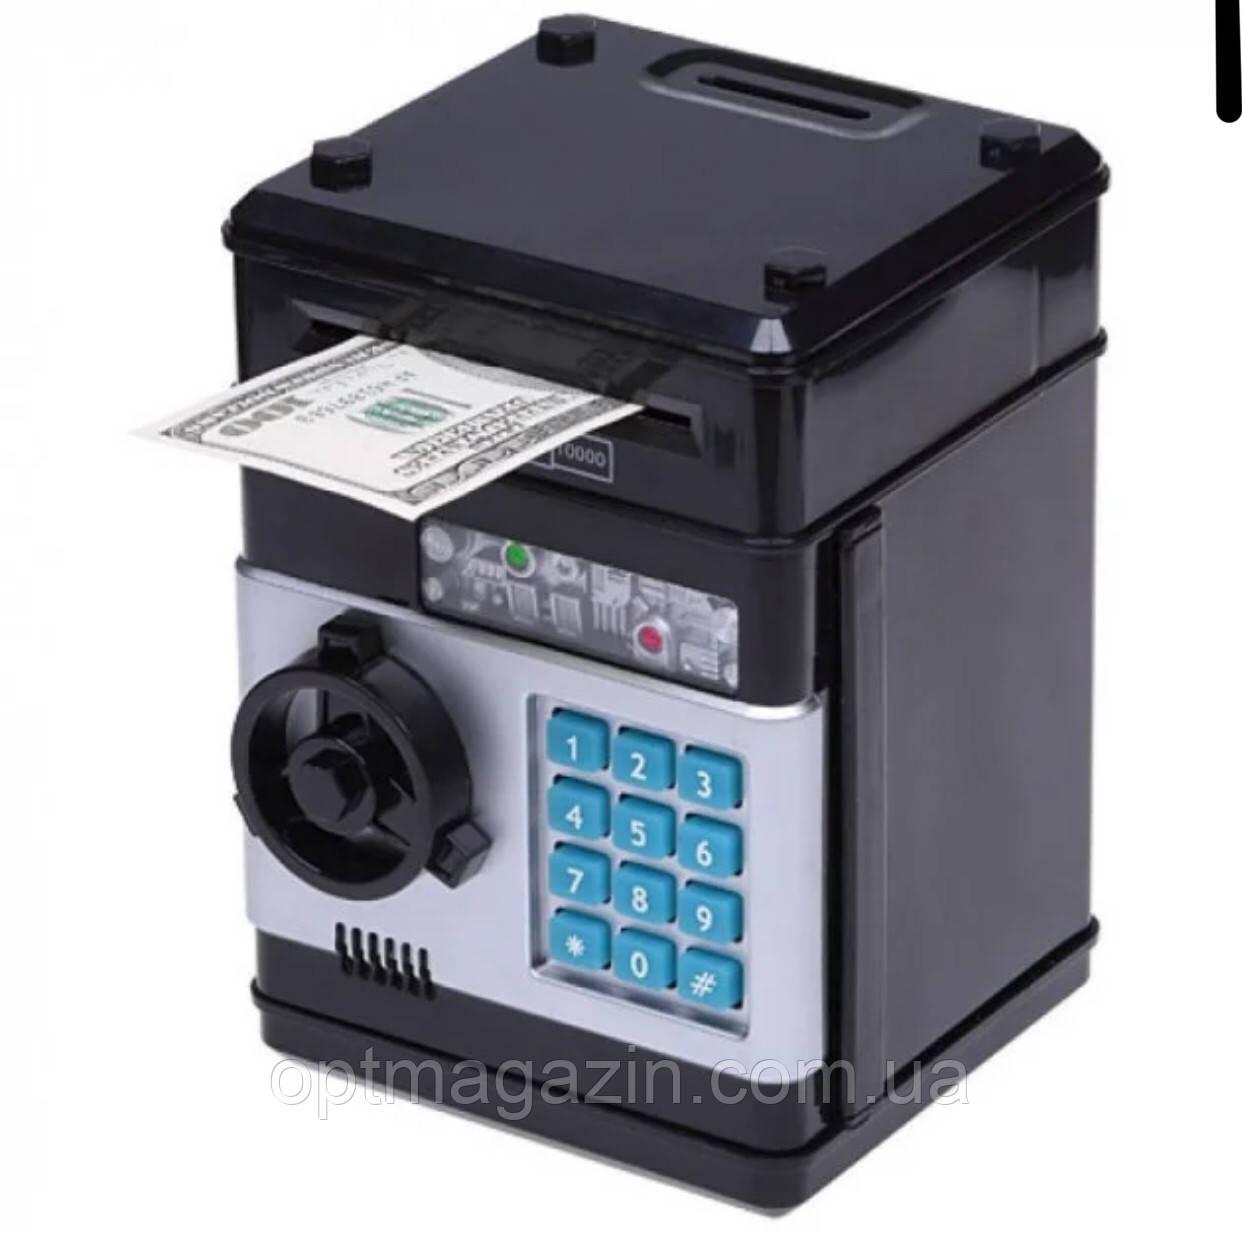 Скарбничка сейф з кодовим замком і купюропріємником Piggy Bank SAFE